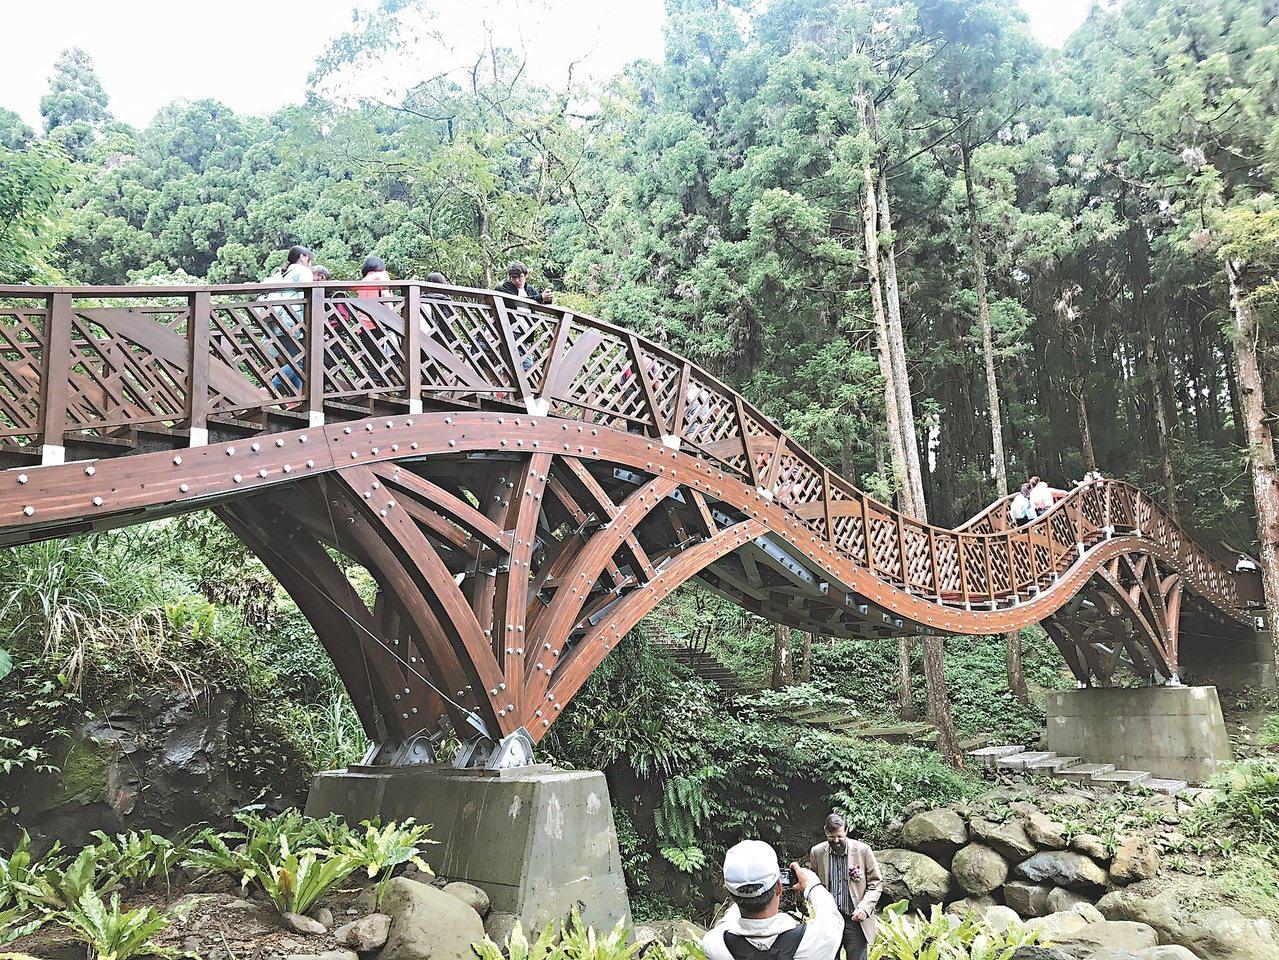 溪頭大學池的竹拱橋,一直是遊客心目中的記憶景點,台大土木系團隊歷時三年完成純木造...